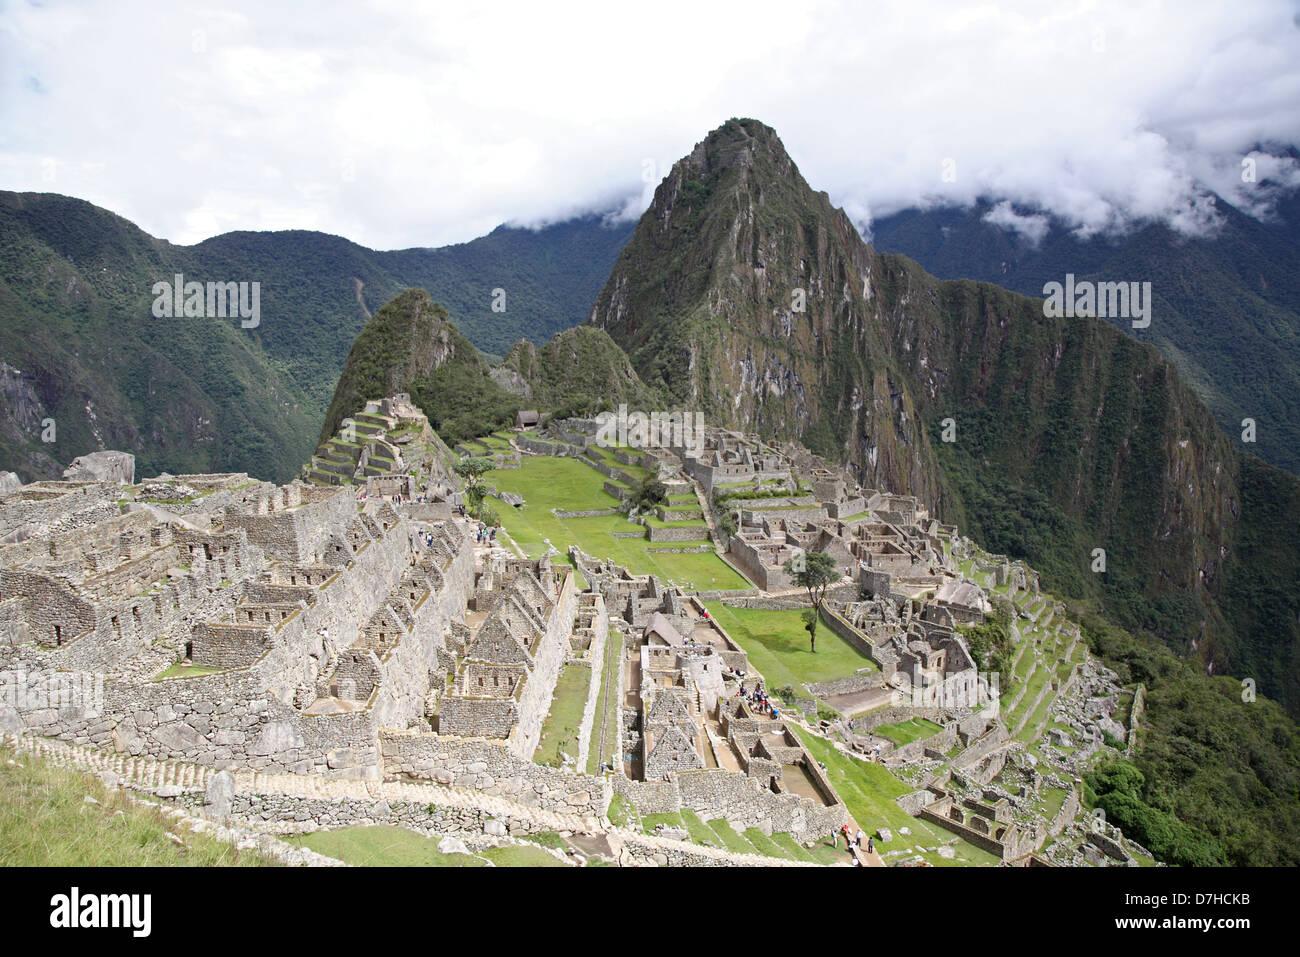 Peru Machupicchu Machu Picchu Huayna Picchu - Stock Image